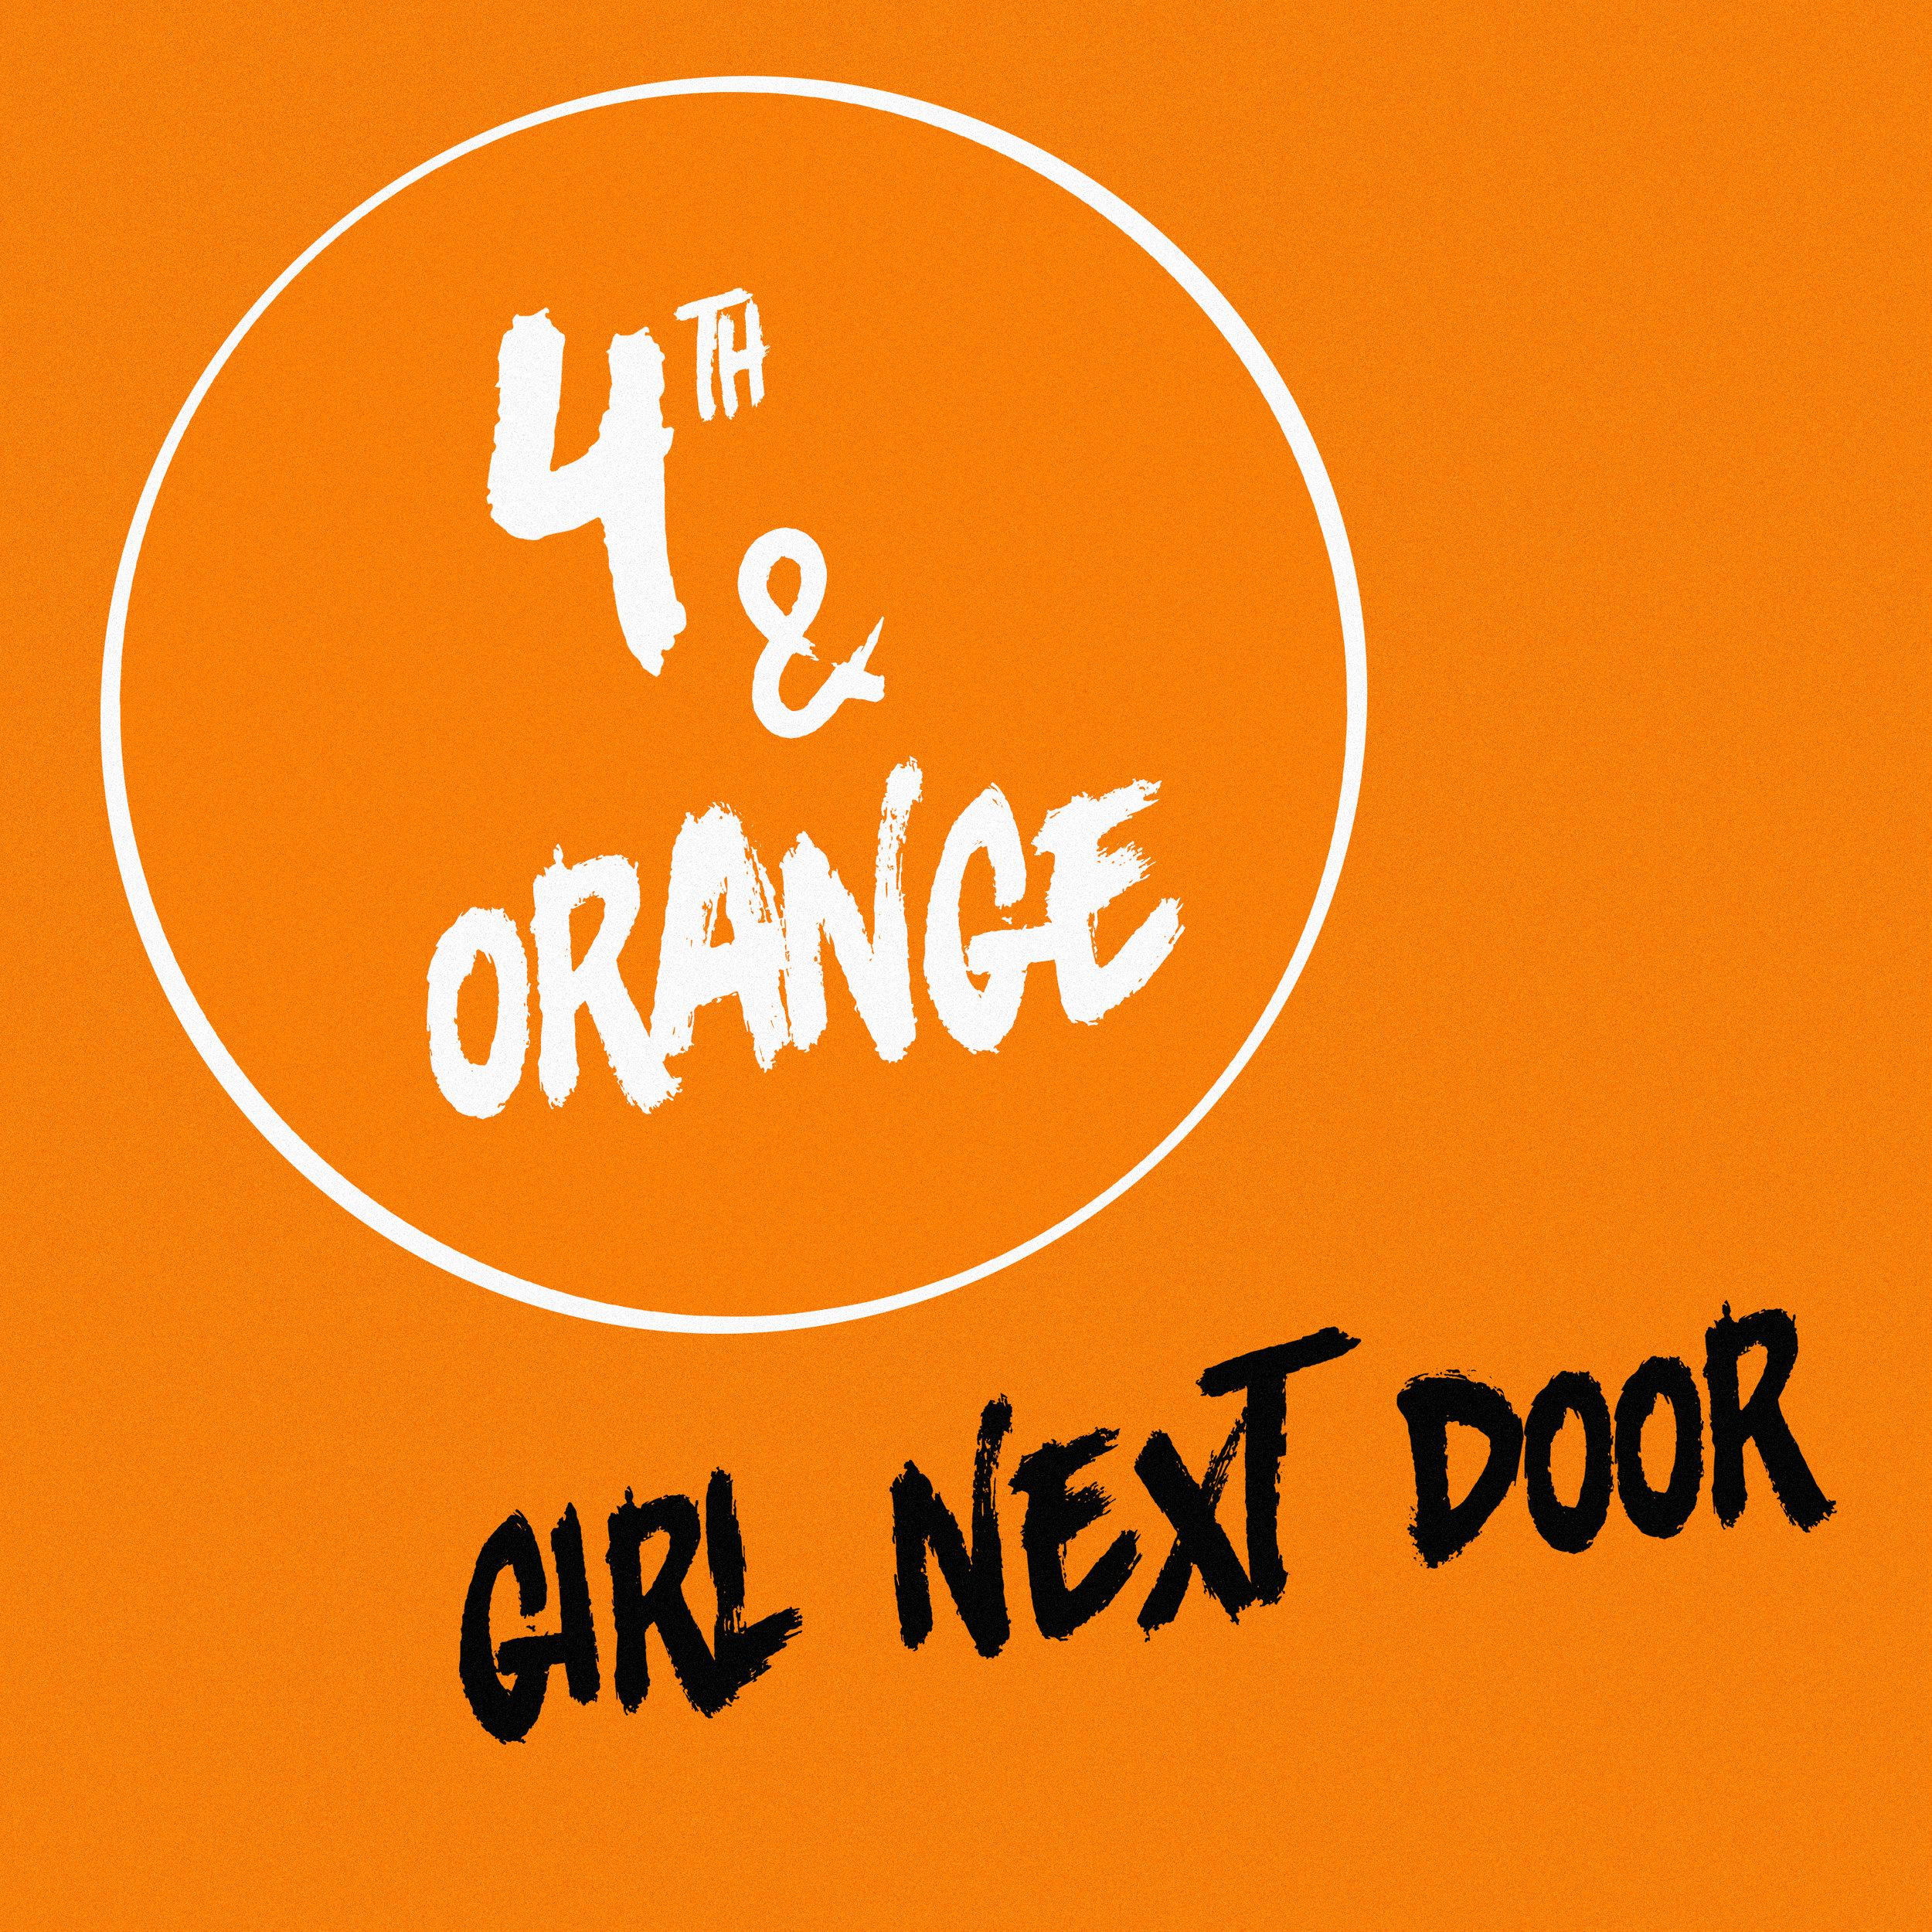 4th-and-Orange-Girl-Next-Door.jpg